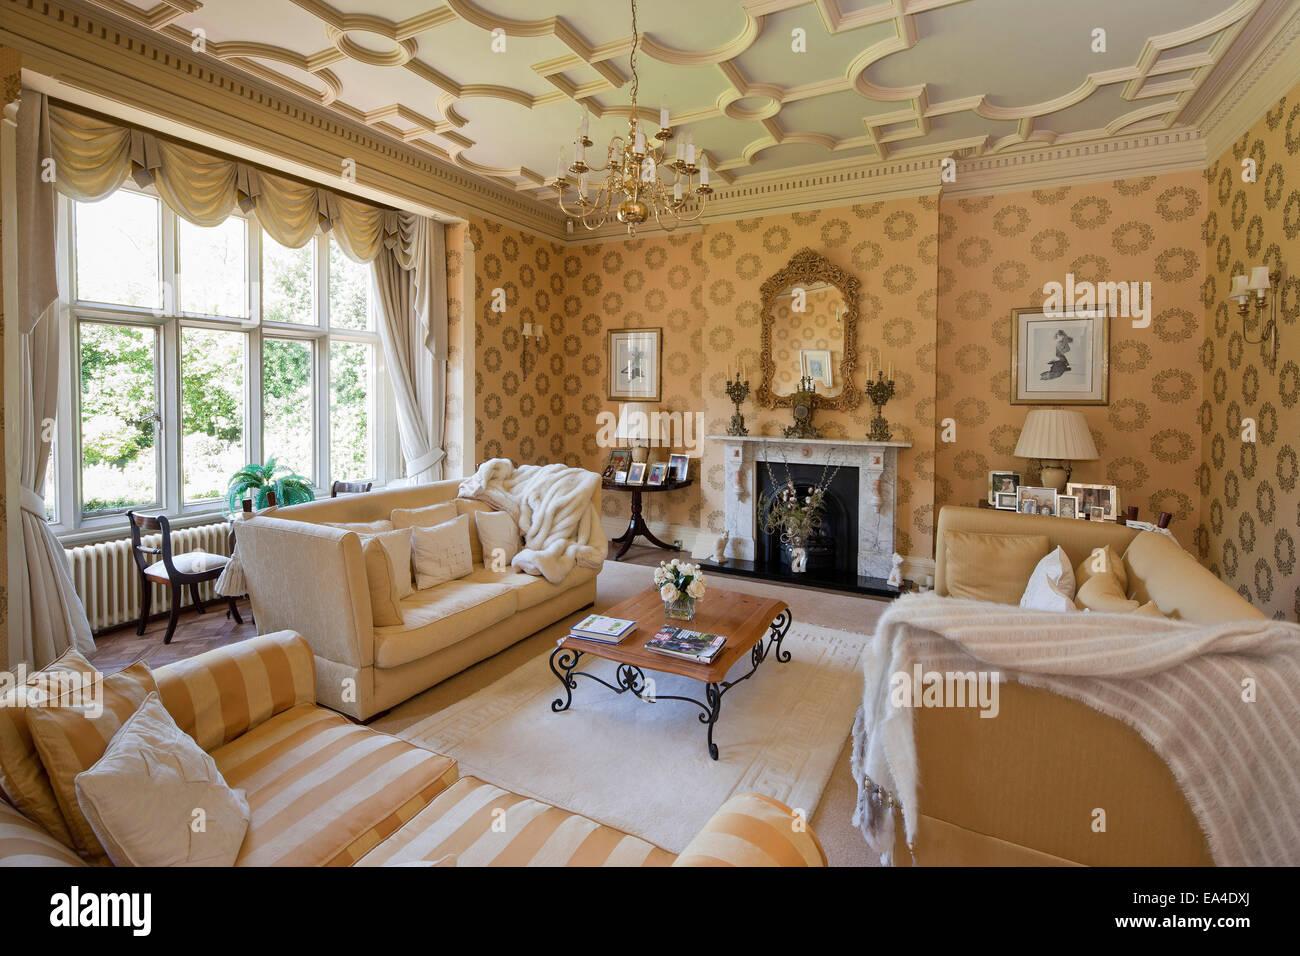 Wonderful Cream Living Room With Plasterwork Ceiling In Hargreaves House, Nottingham,  UK.